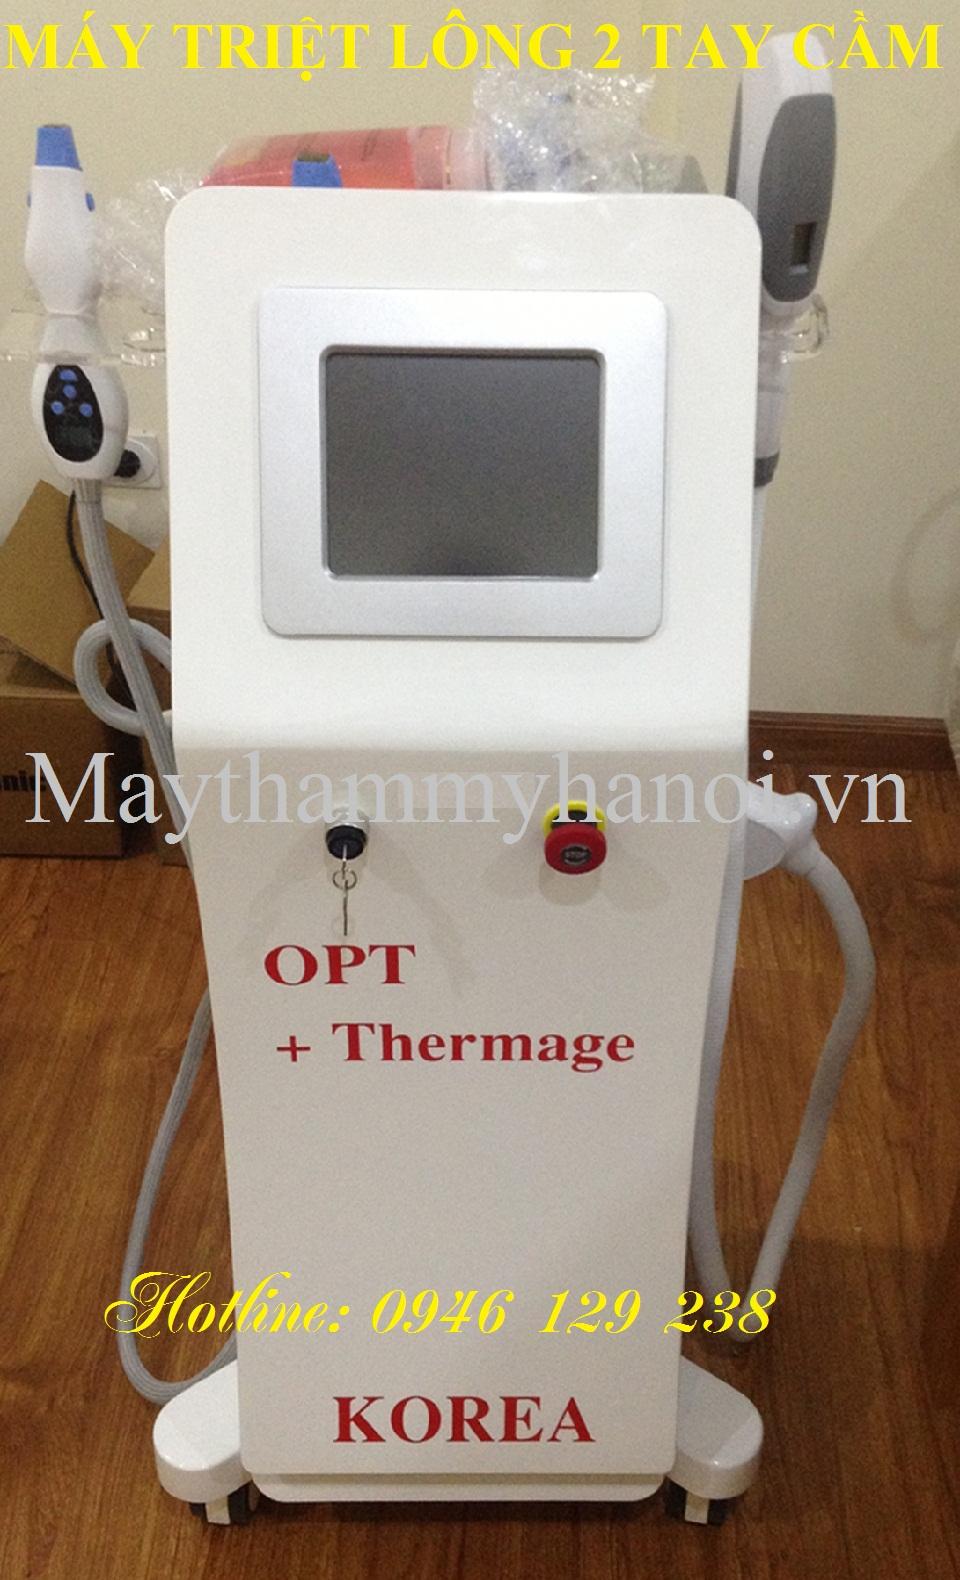 Máy triệt lông OPT 2 tay cầm trẻ hóa da